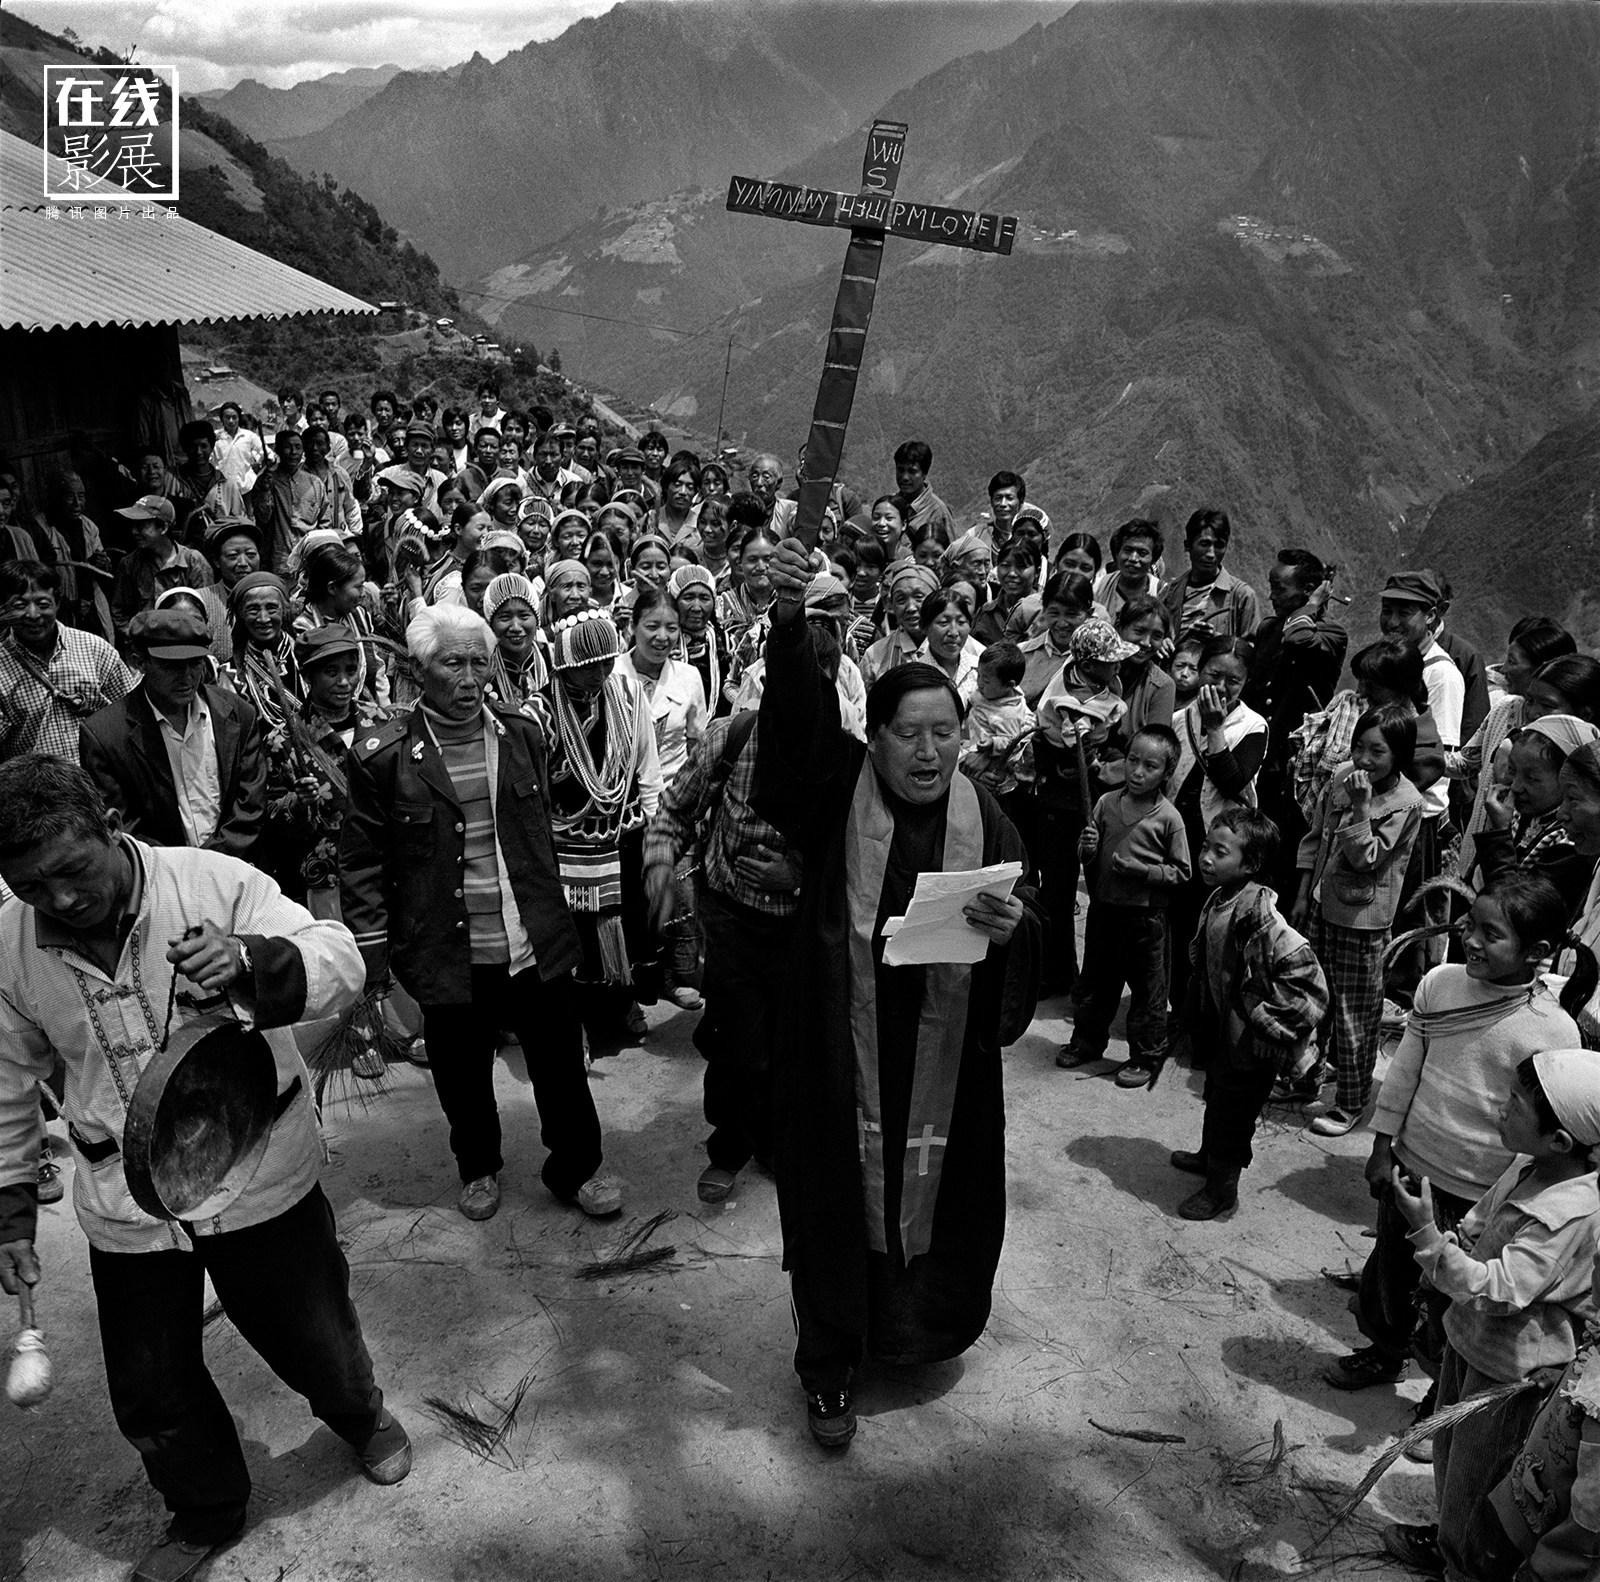 怒姆乃依,怒江大峡谷的双重生活